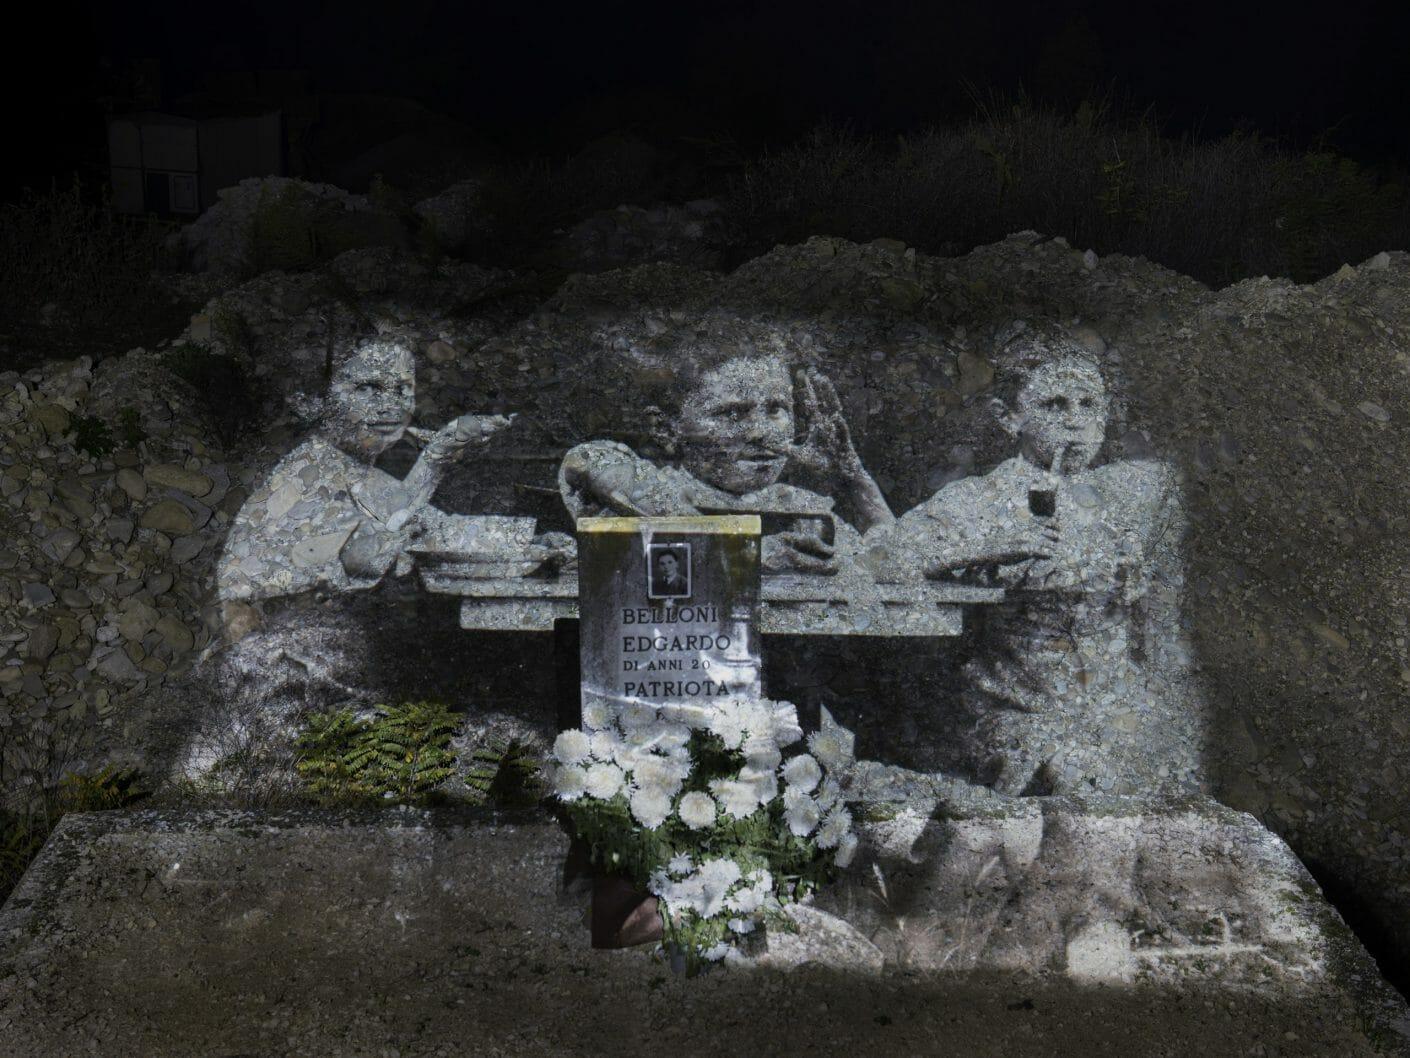 Mur de pierre et tombe sur laquelle est projetée une photographie d'enfants